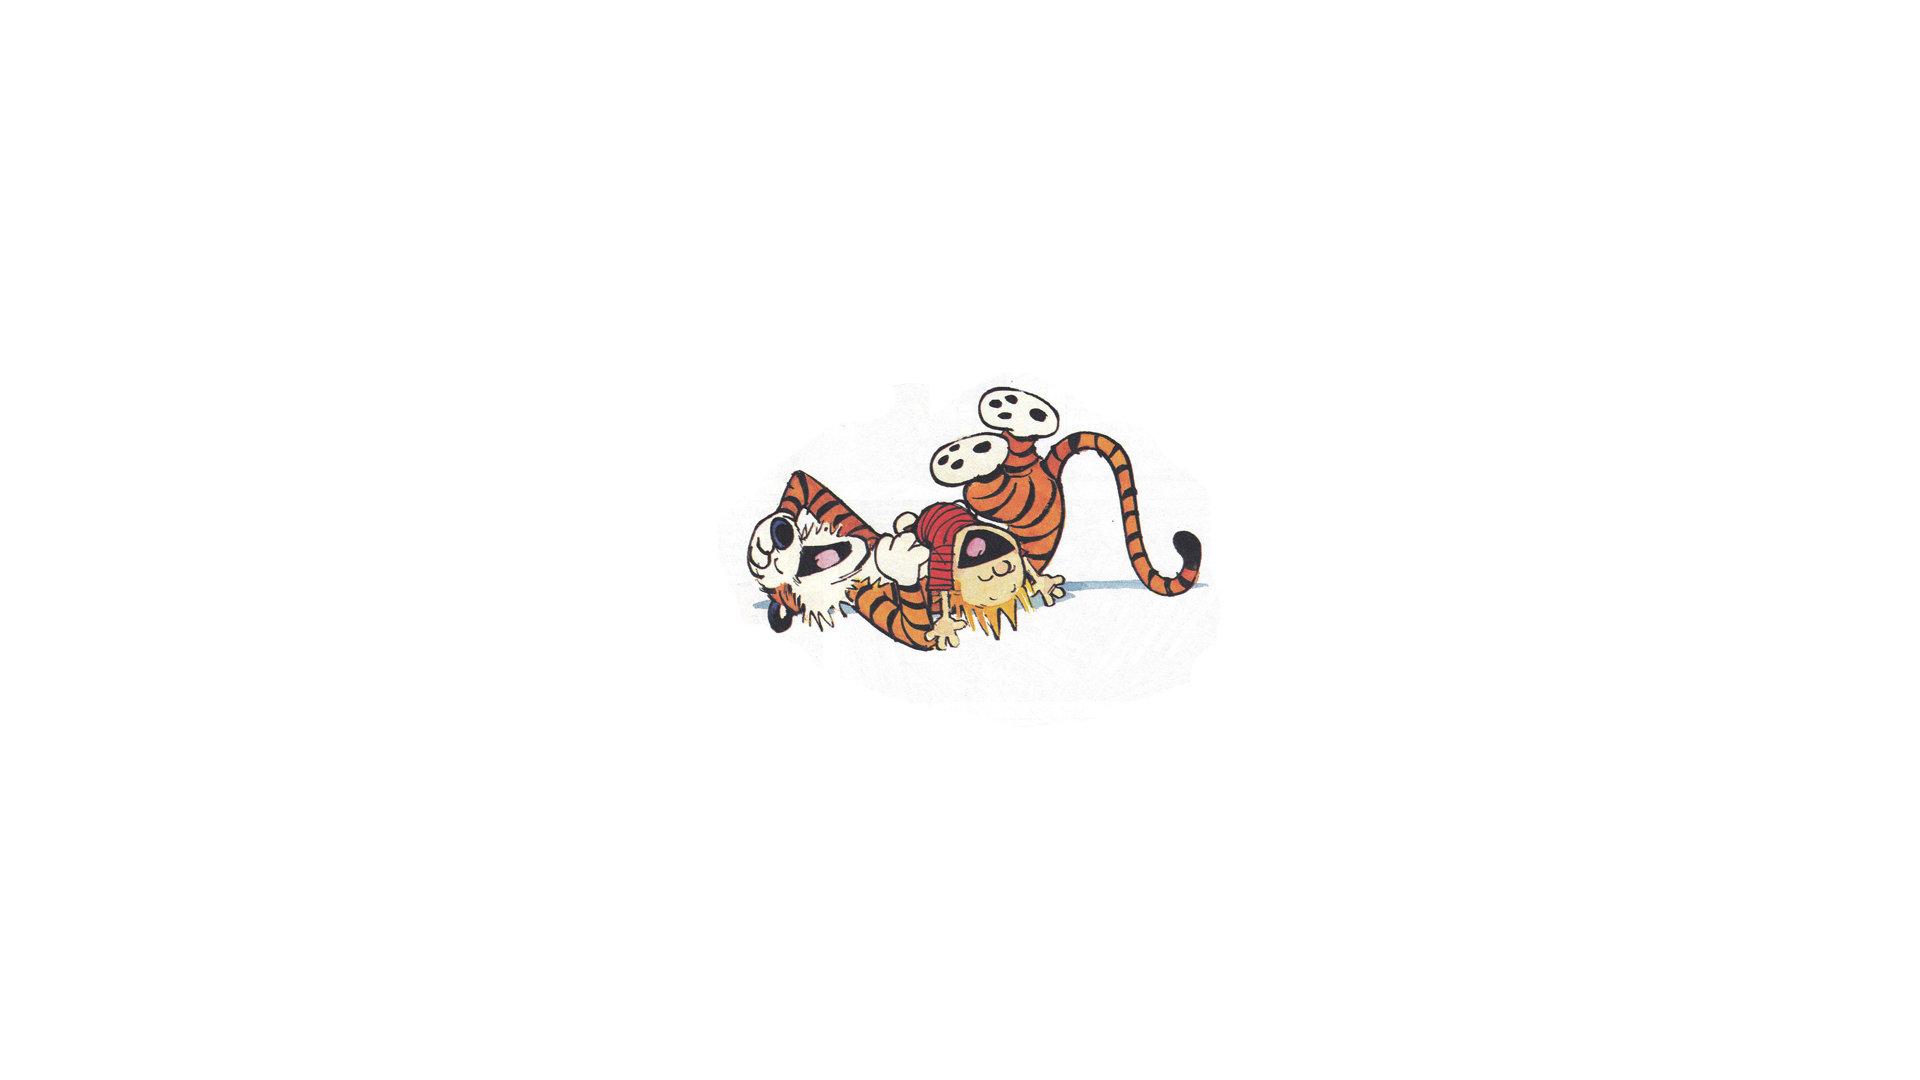 Calvin And Hobbes Wallpapers 1920x1080 Full Hd 1080p Desktop